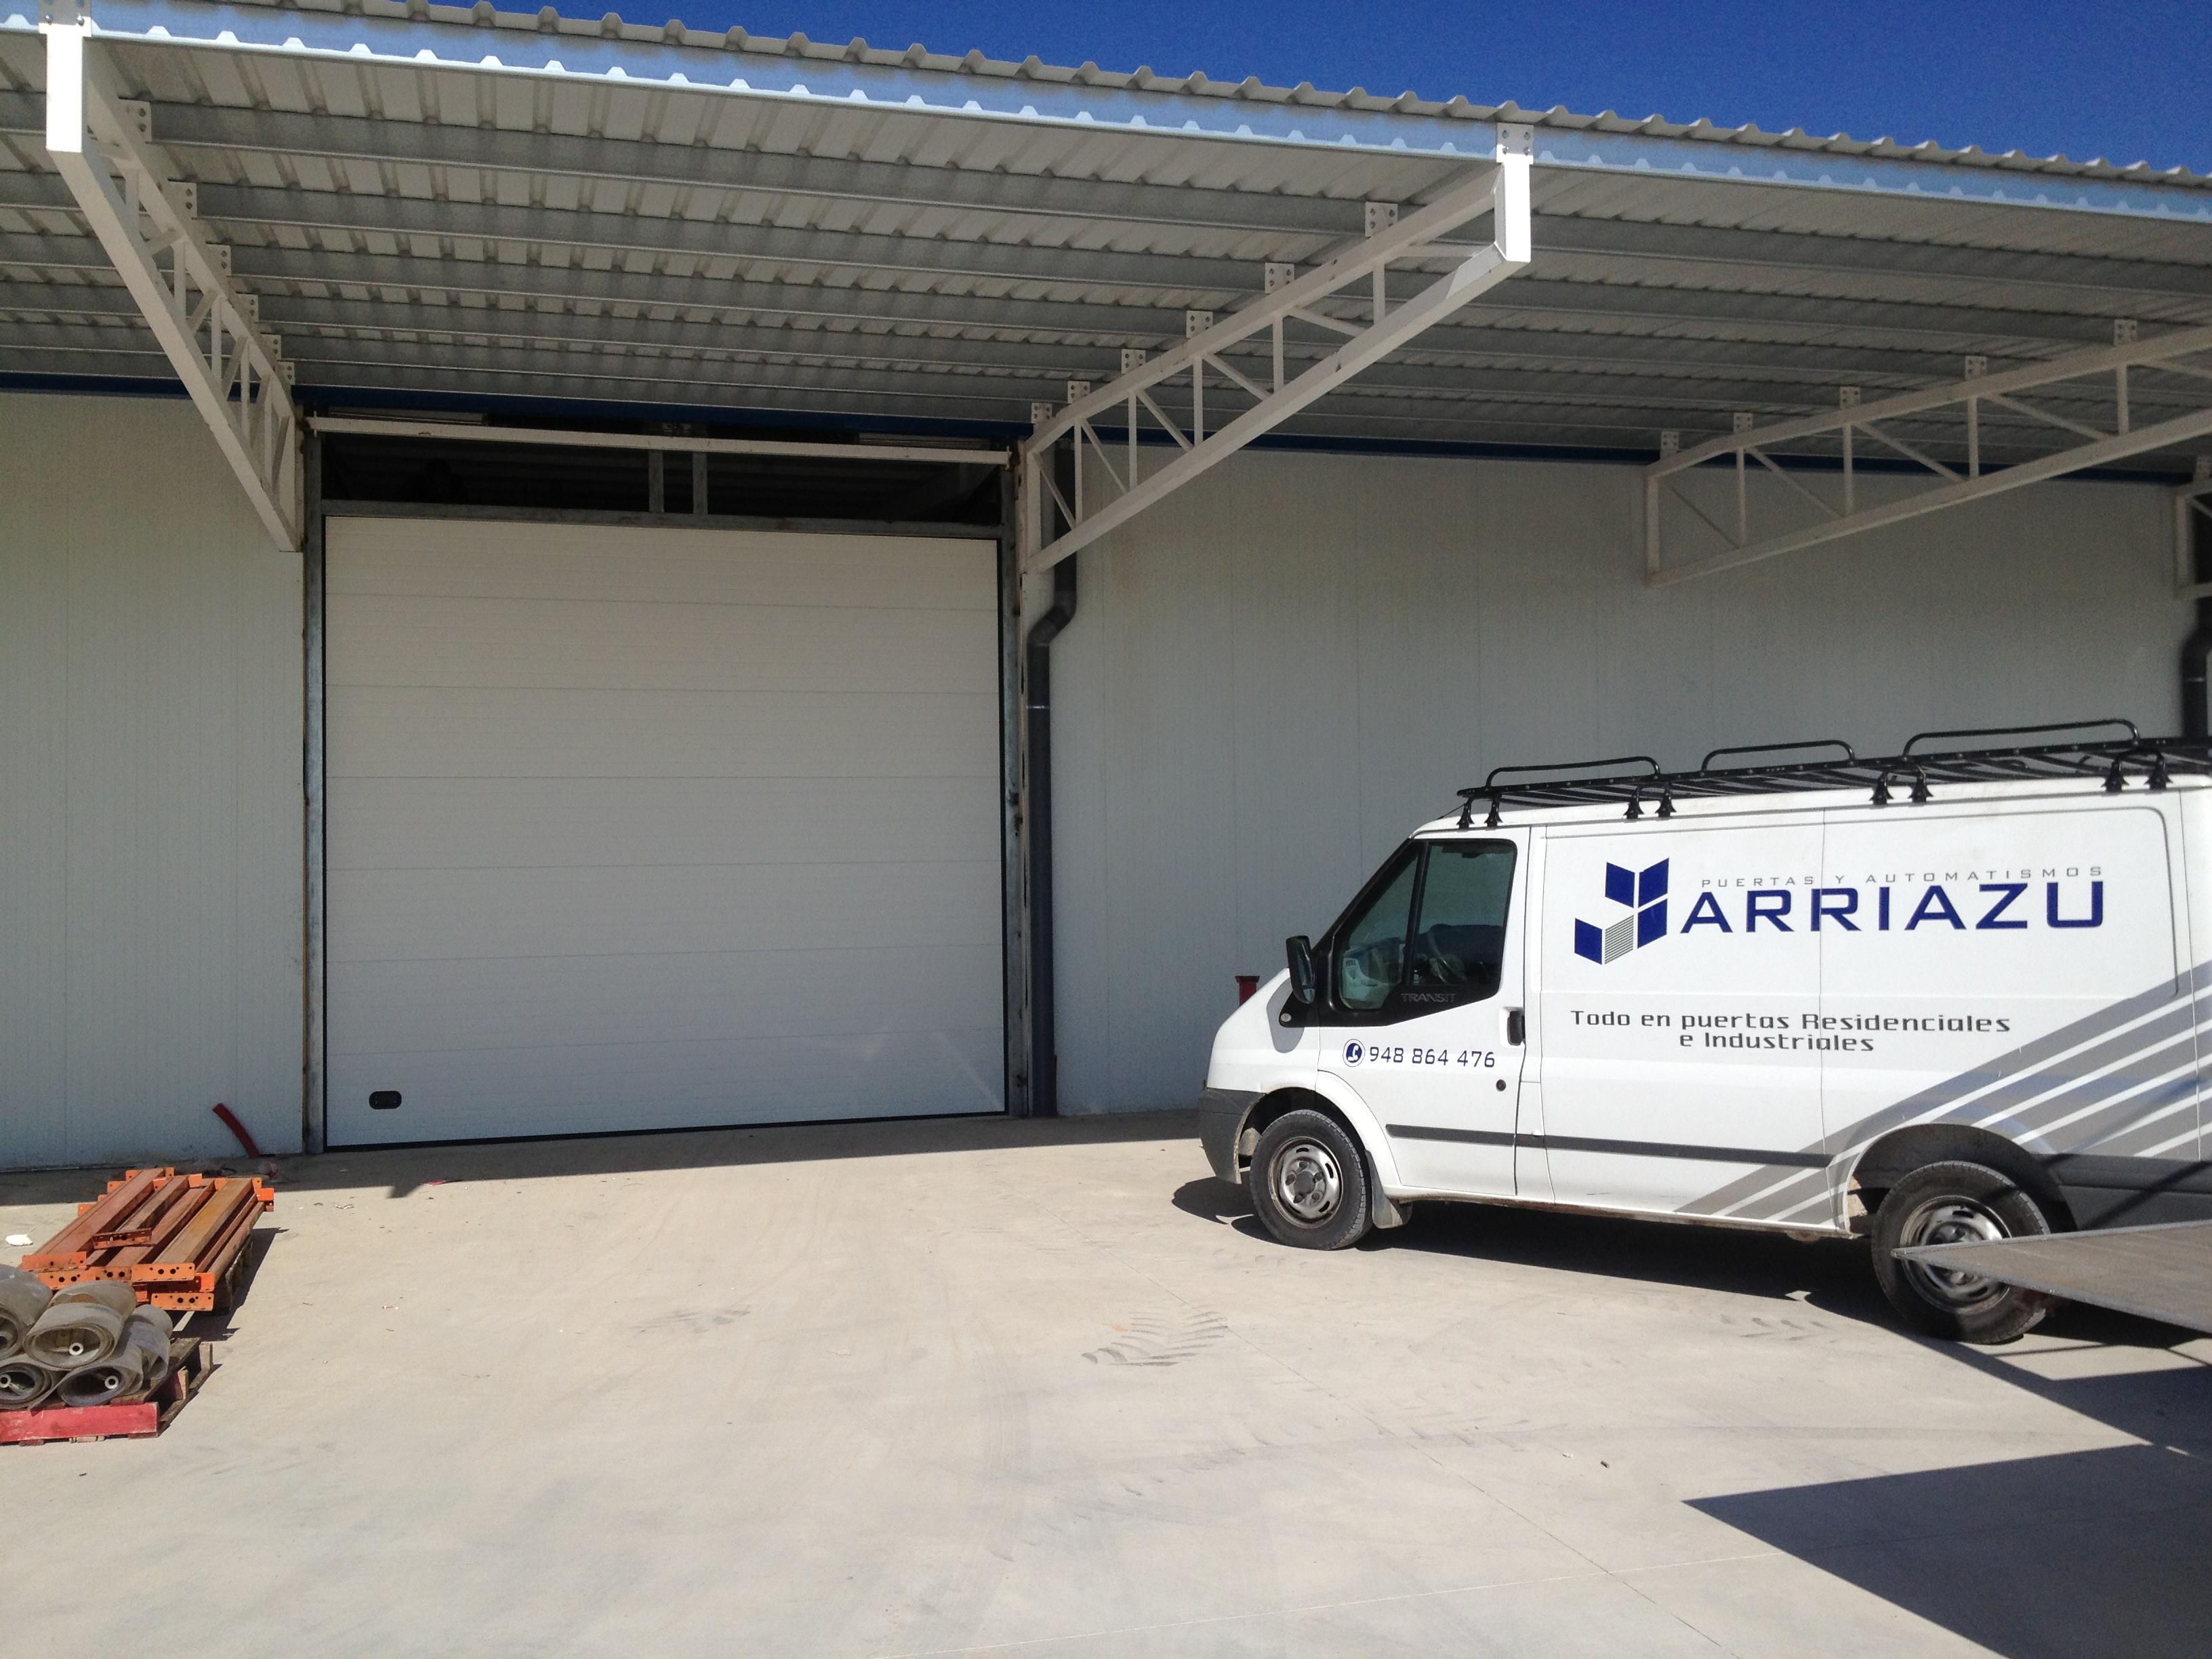 Puerta industrial seccionable Puertas Arriazu Fabricante de puertas en Navarra